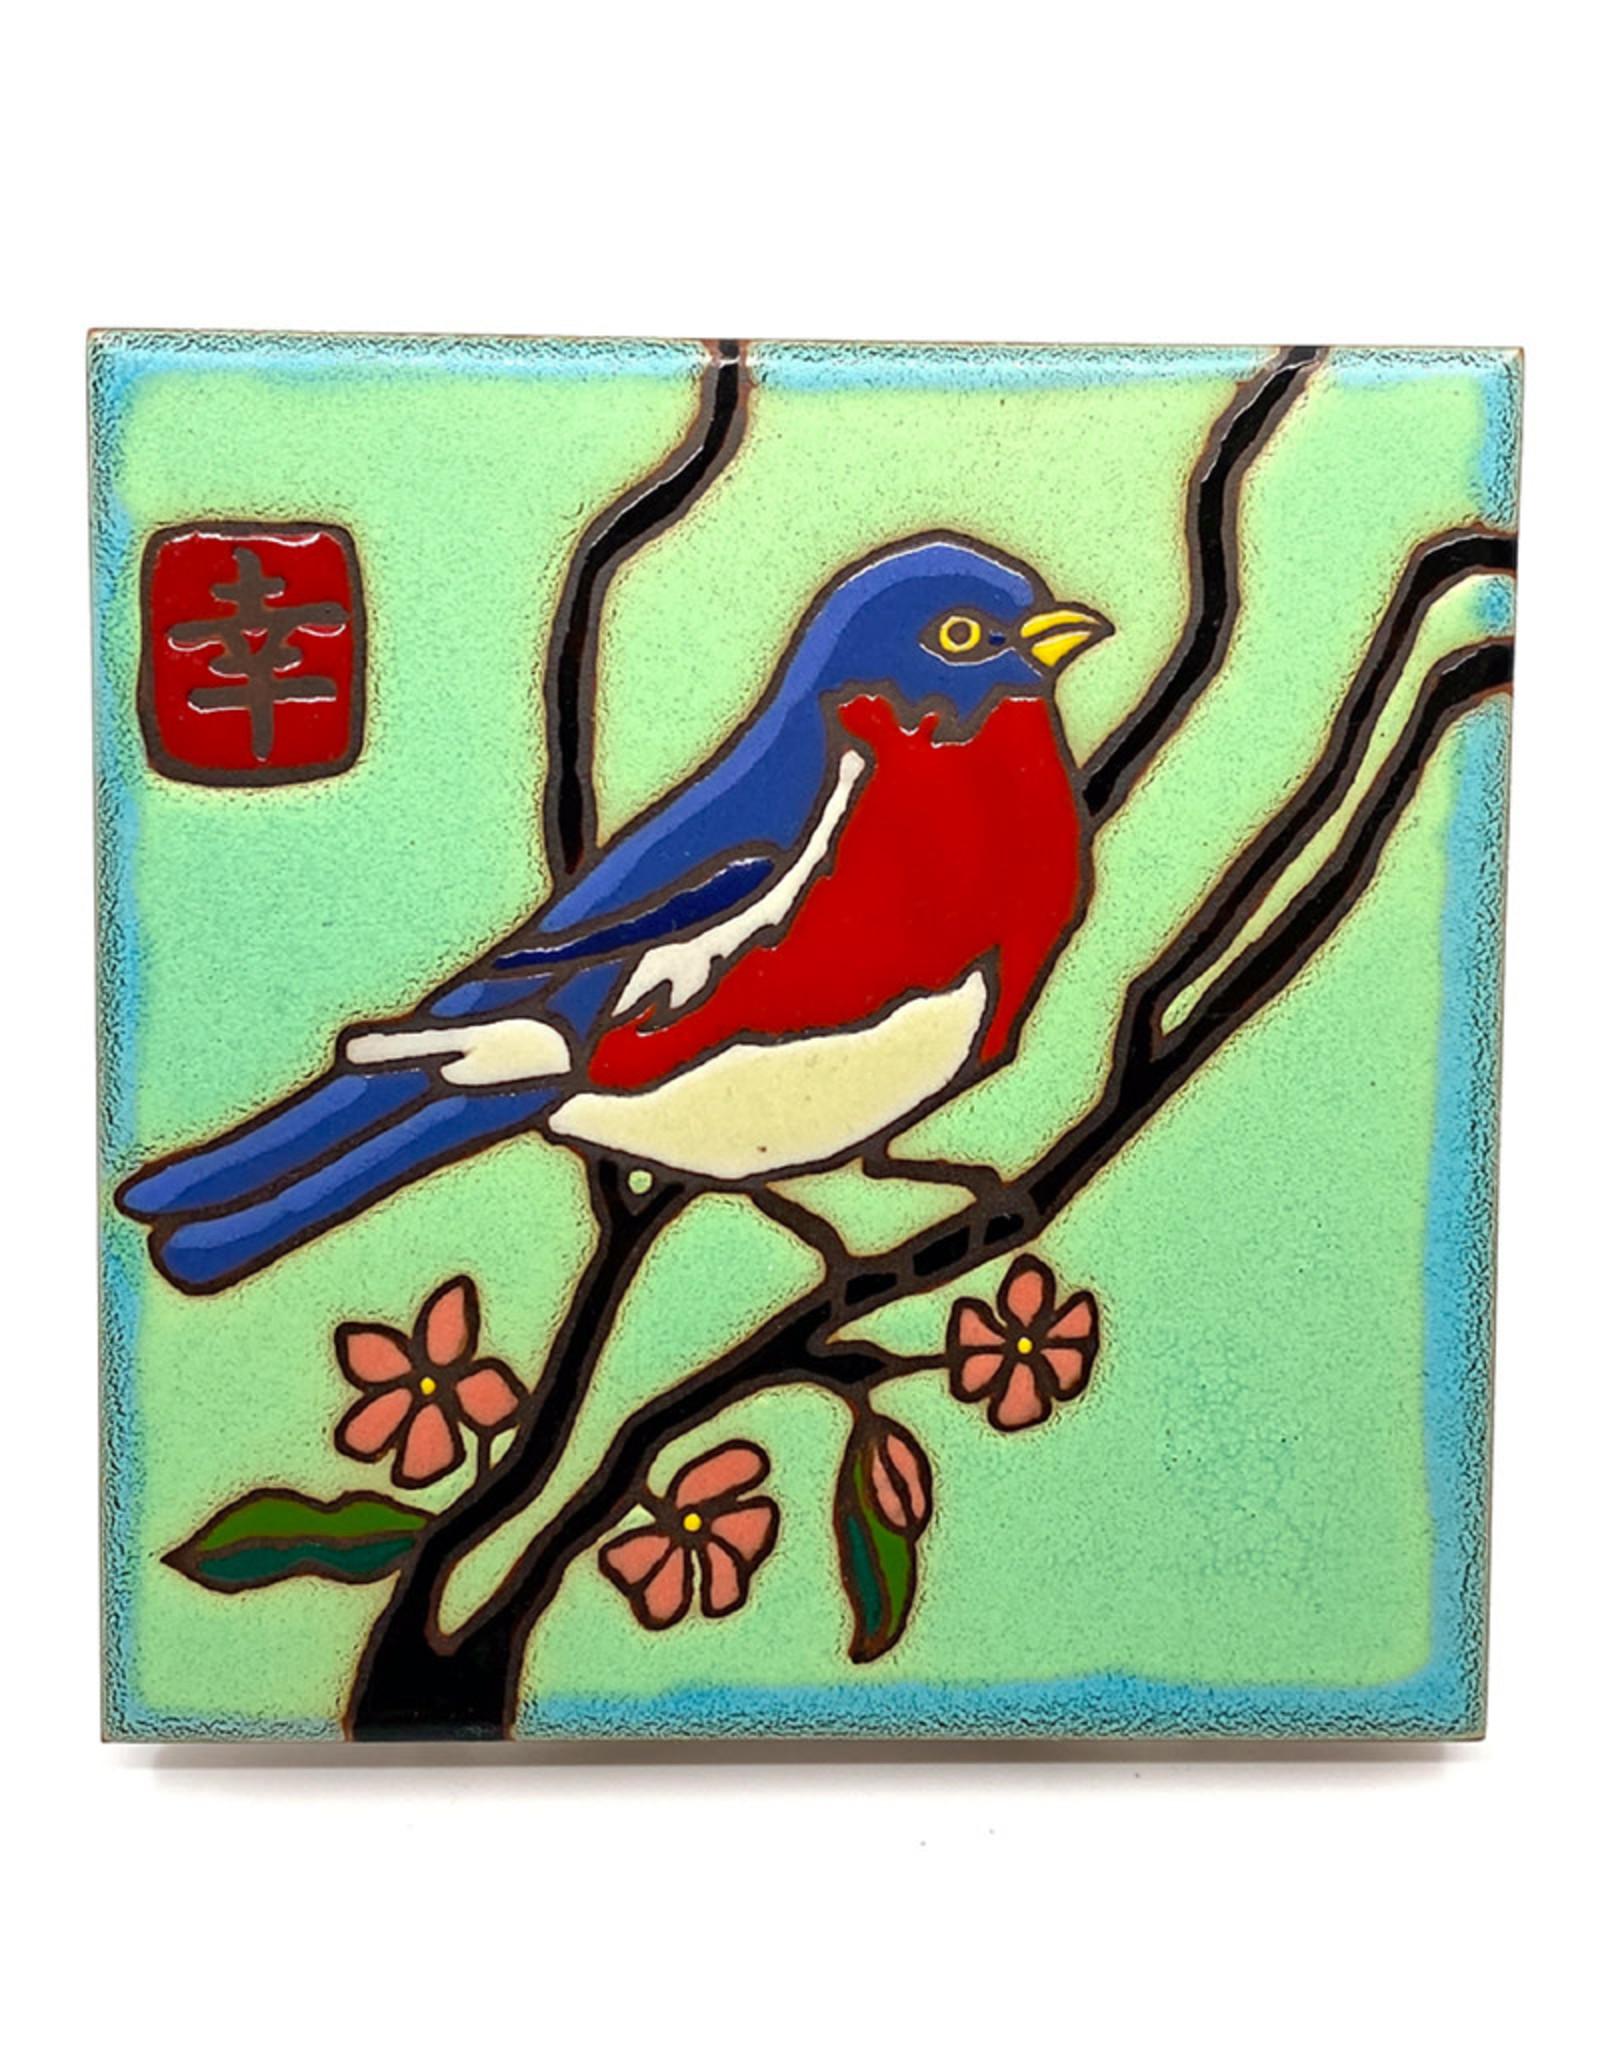 PACIFIC BLUE TILE BLUEBIRD TILE